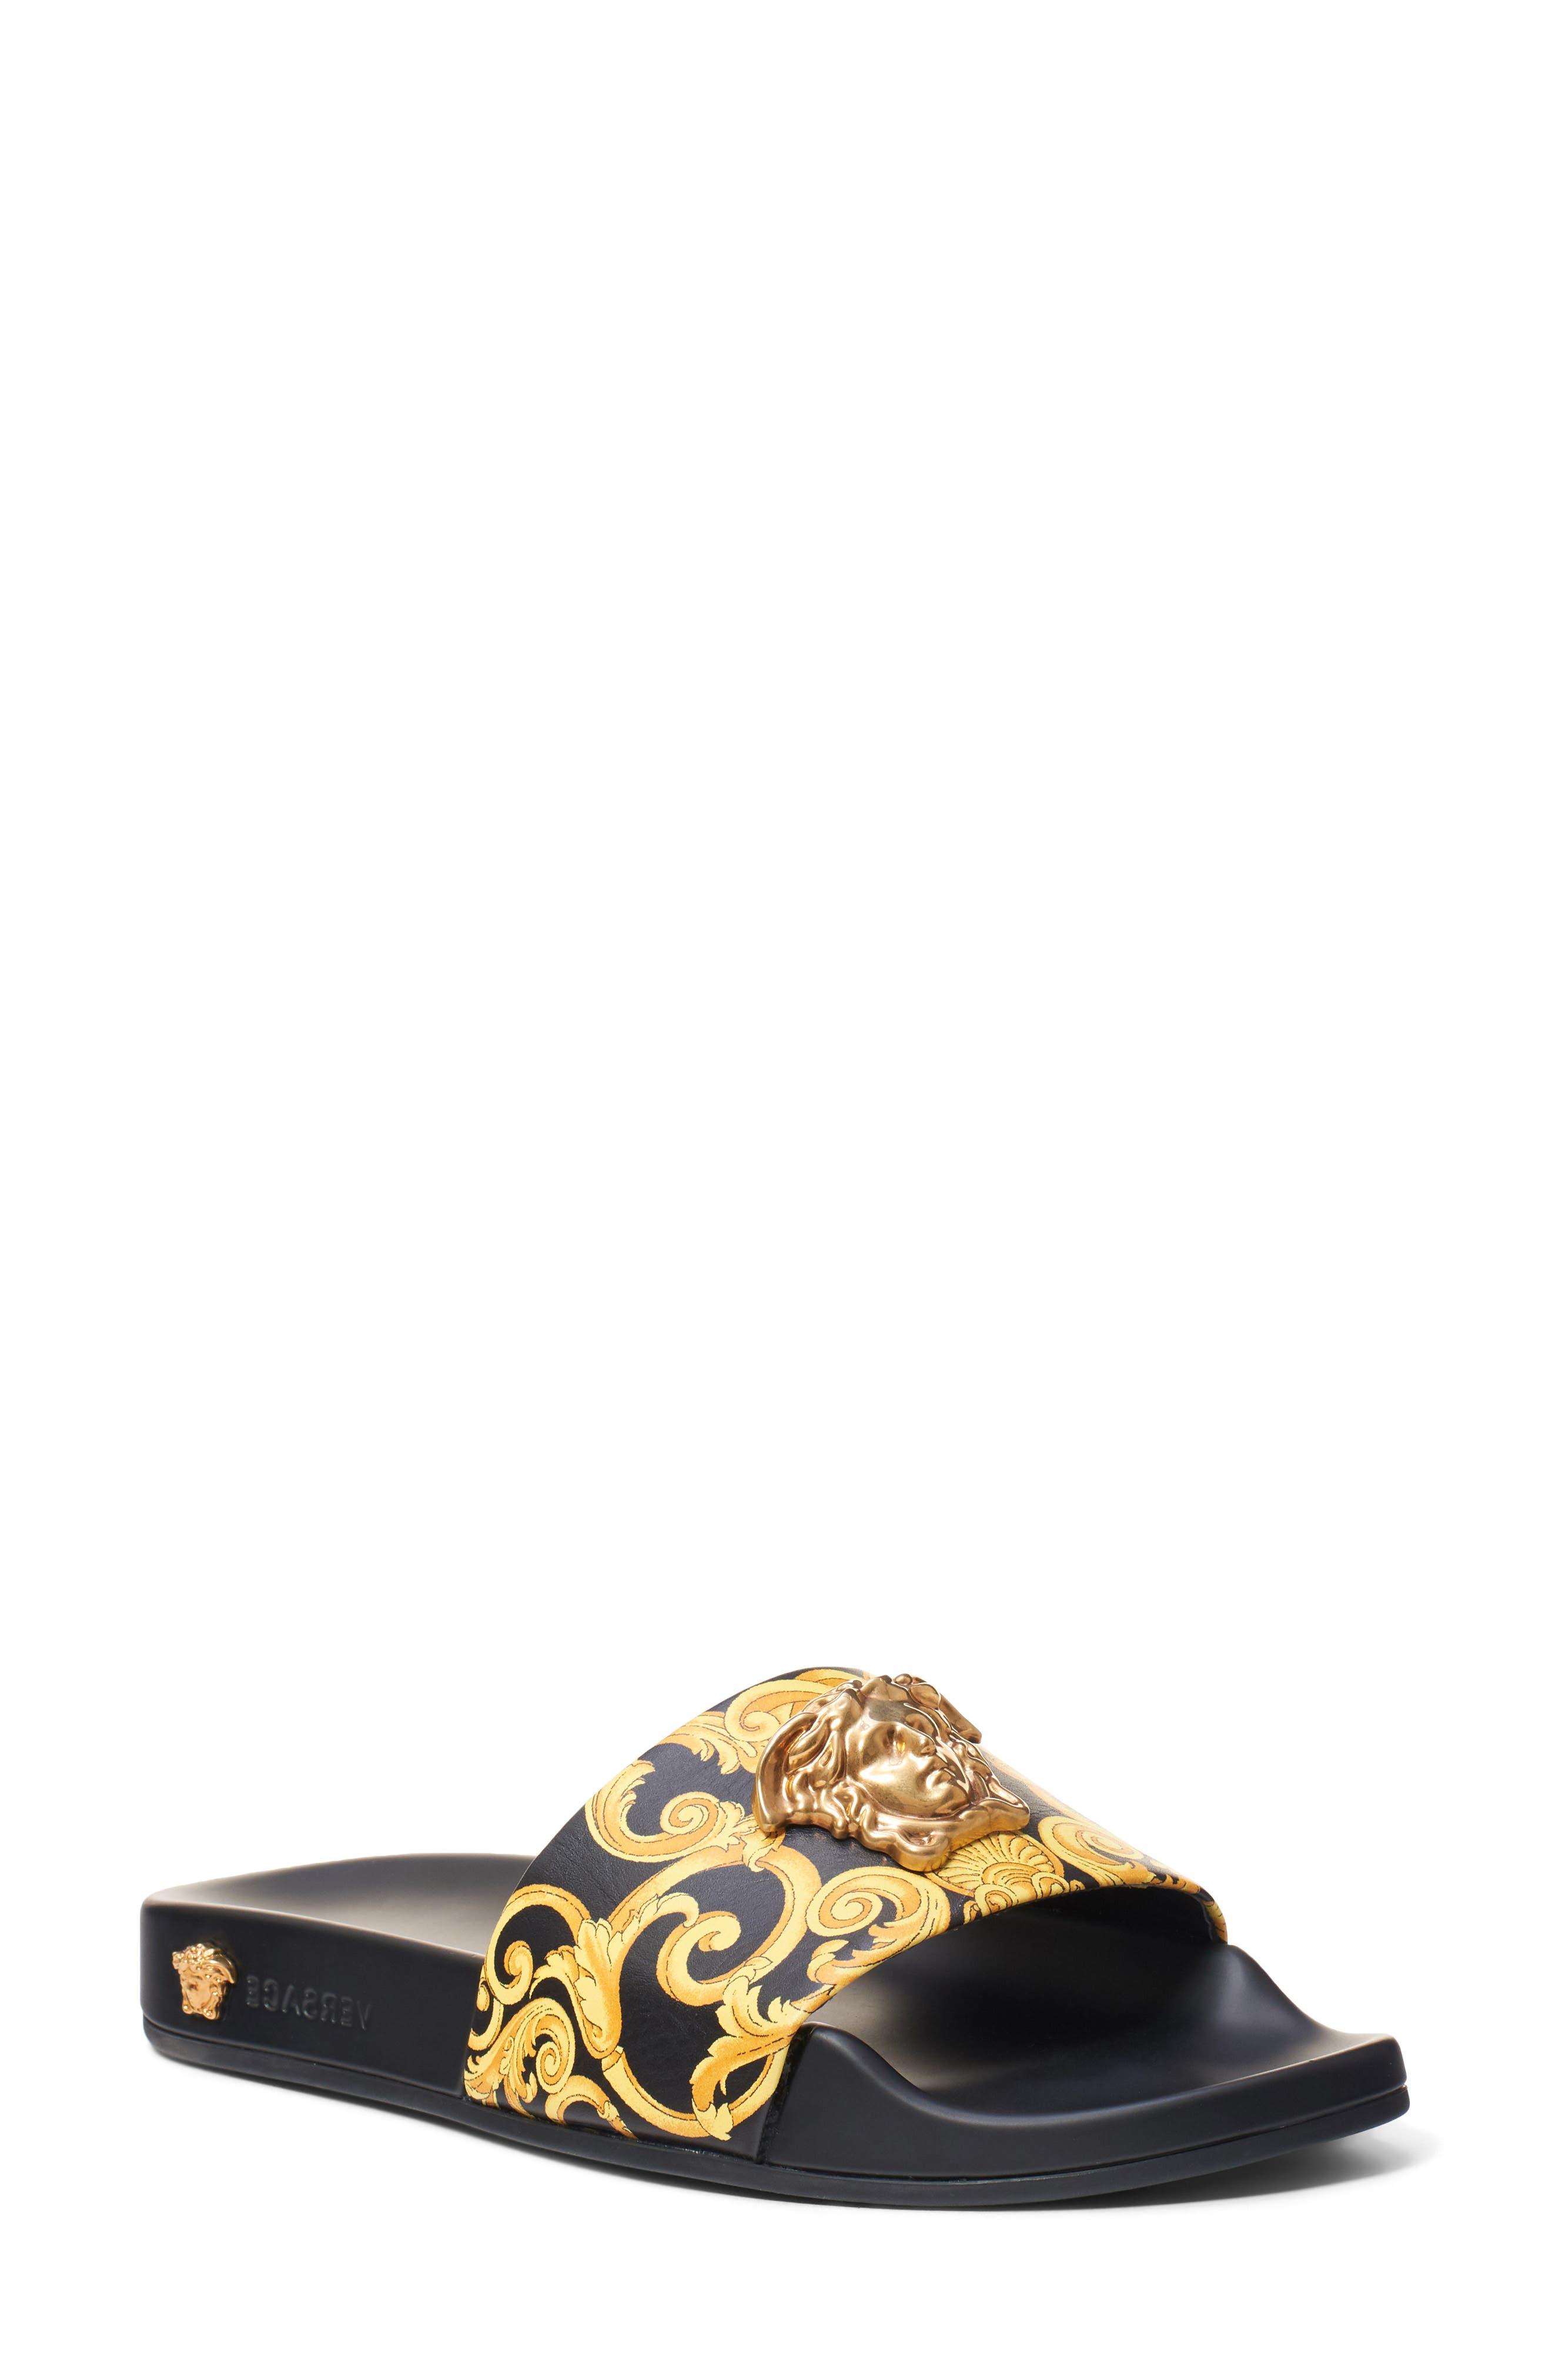 Versace Slippers Medusa Hibiscus Slide Sandal